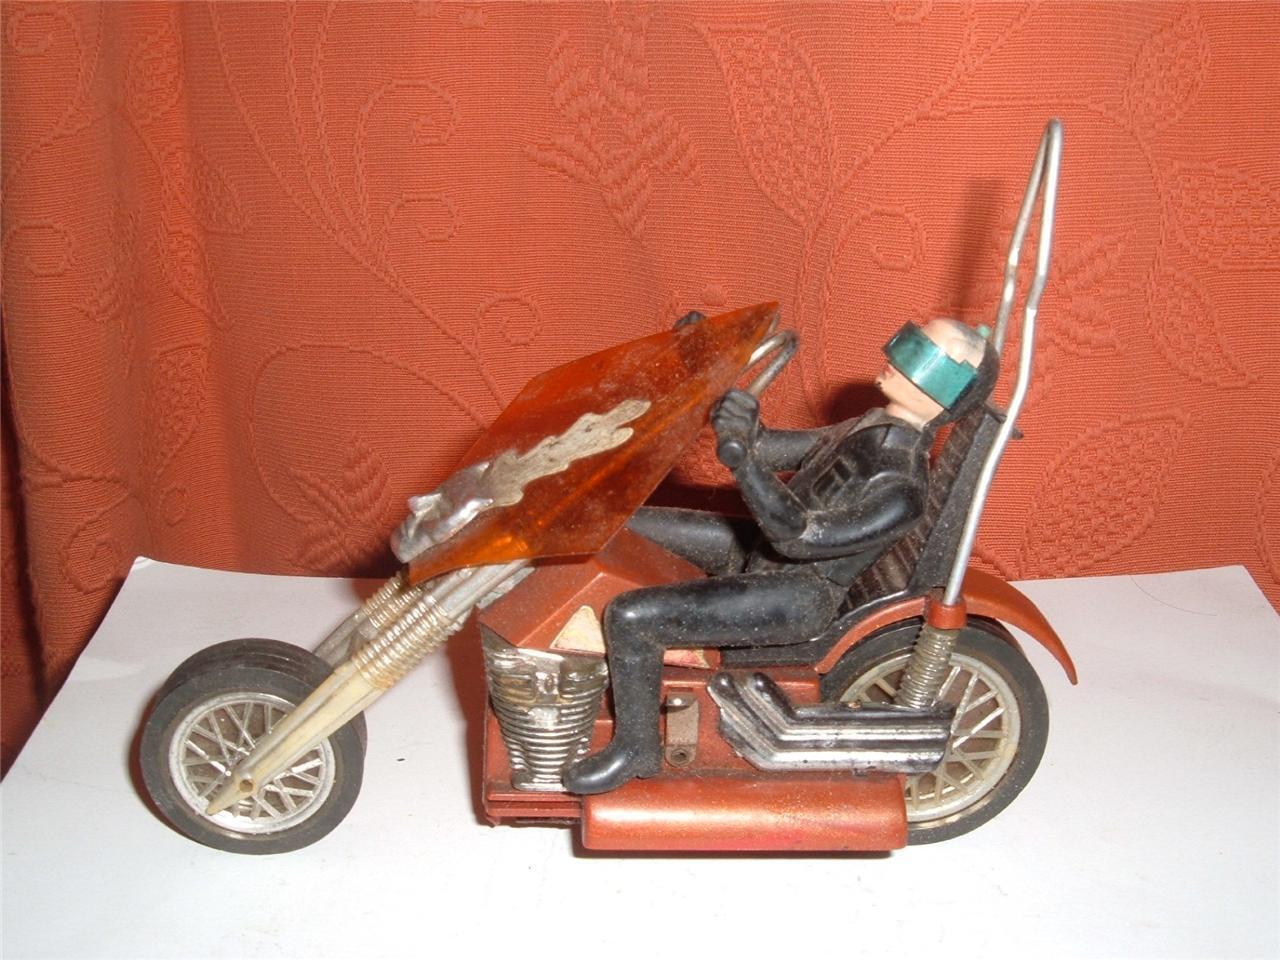 Matchbox scream 'n demonds moto spares repairs descendre pour les photos